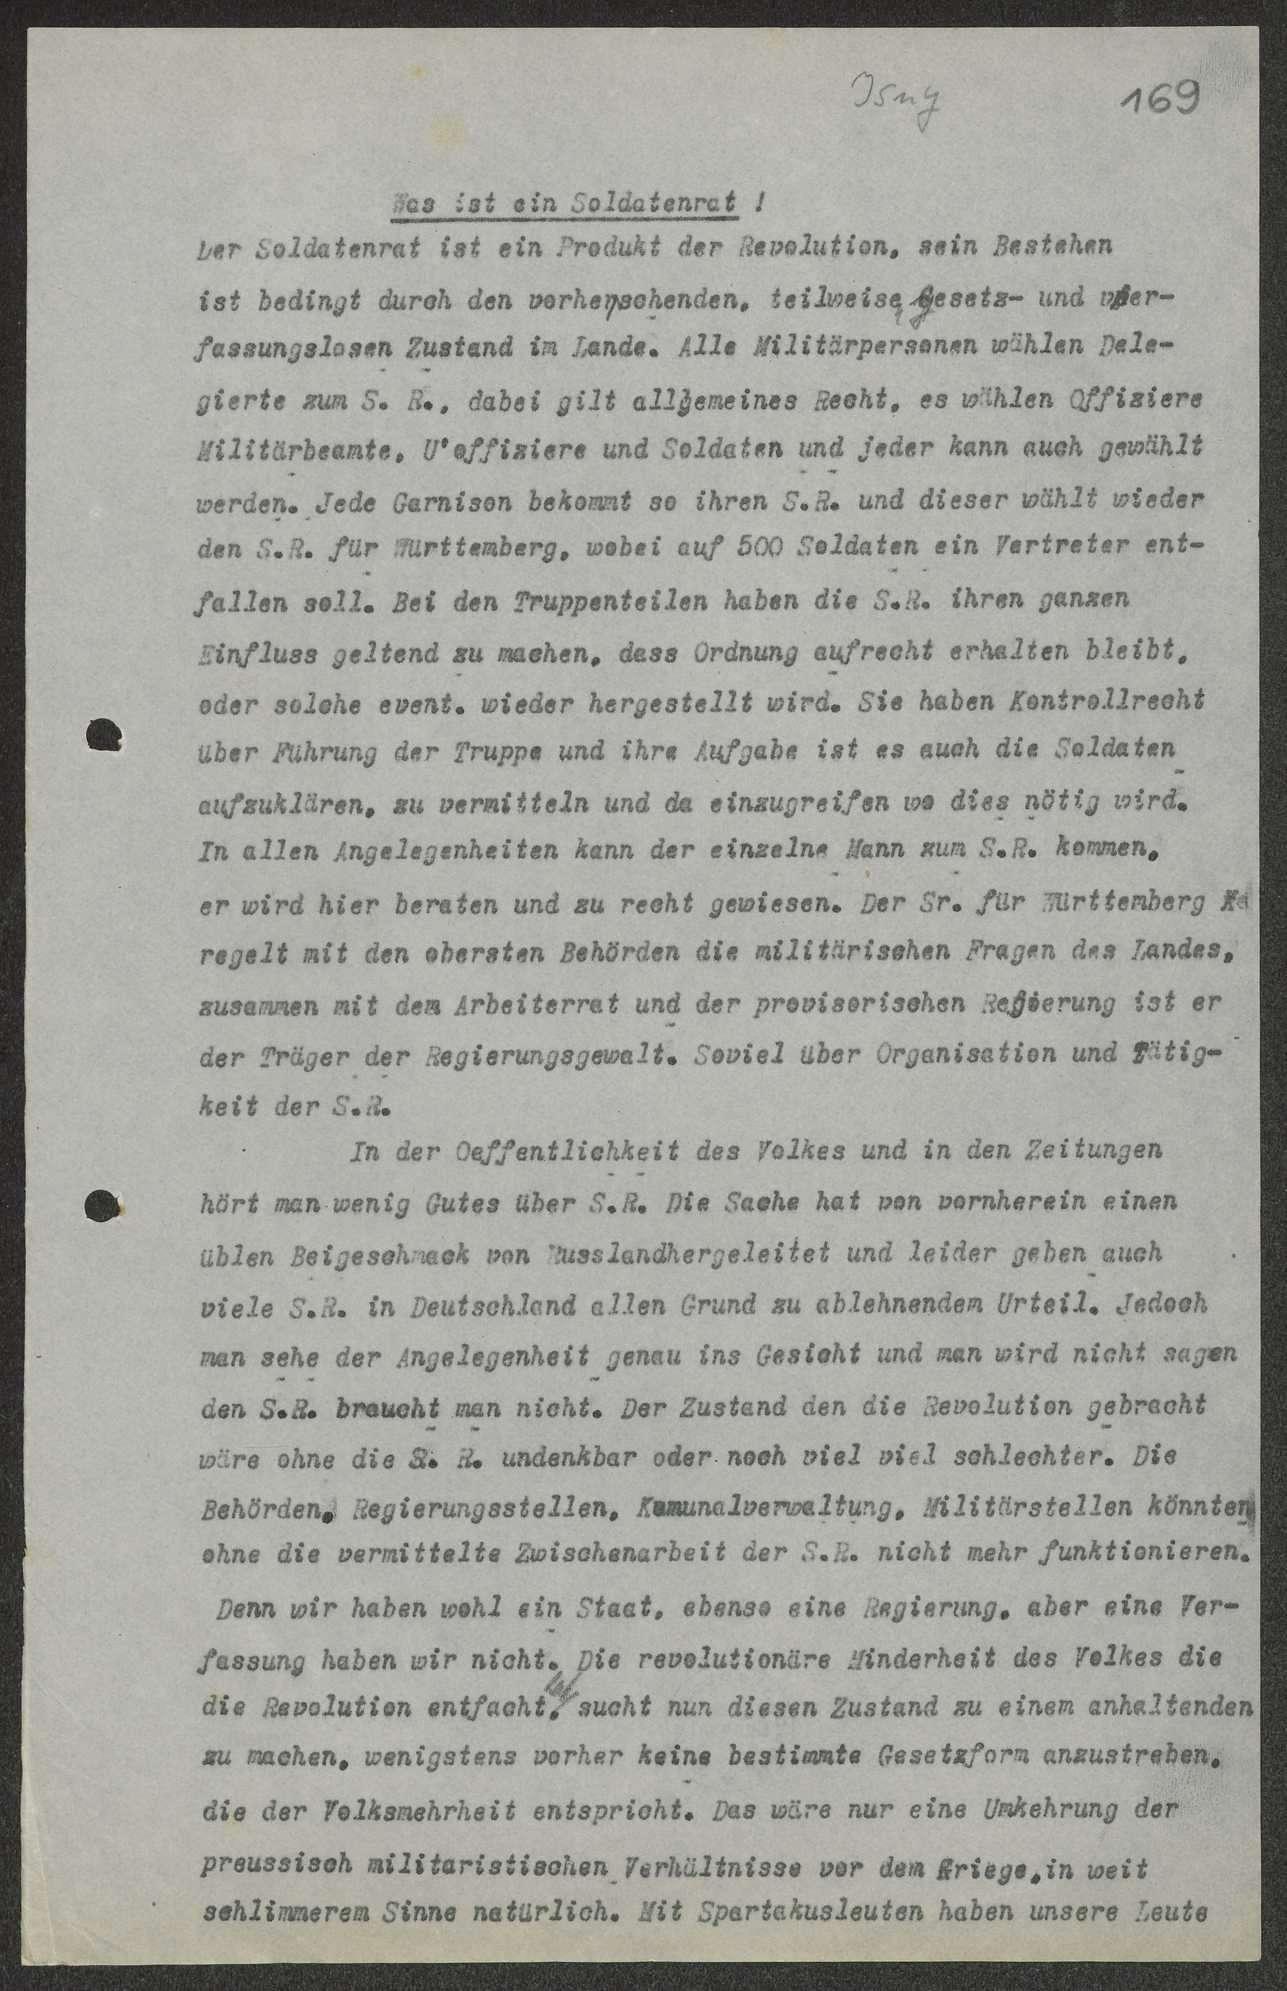 Erklärung über die Ziele des Soldatenrats, Bild 1